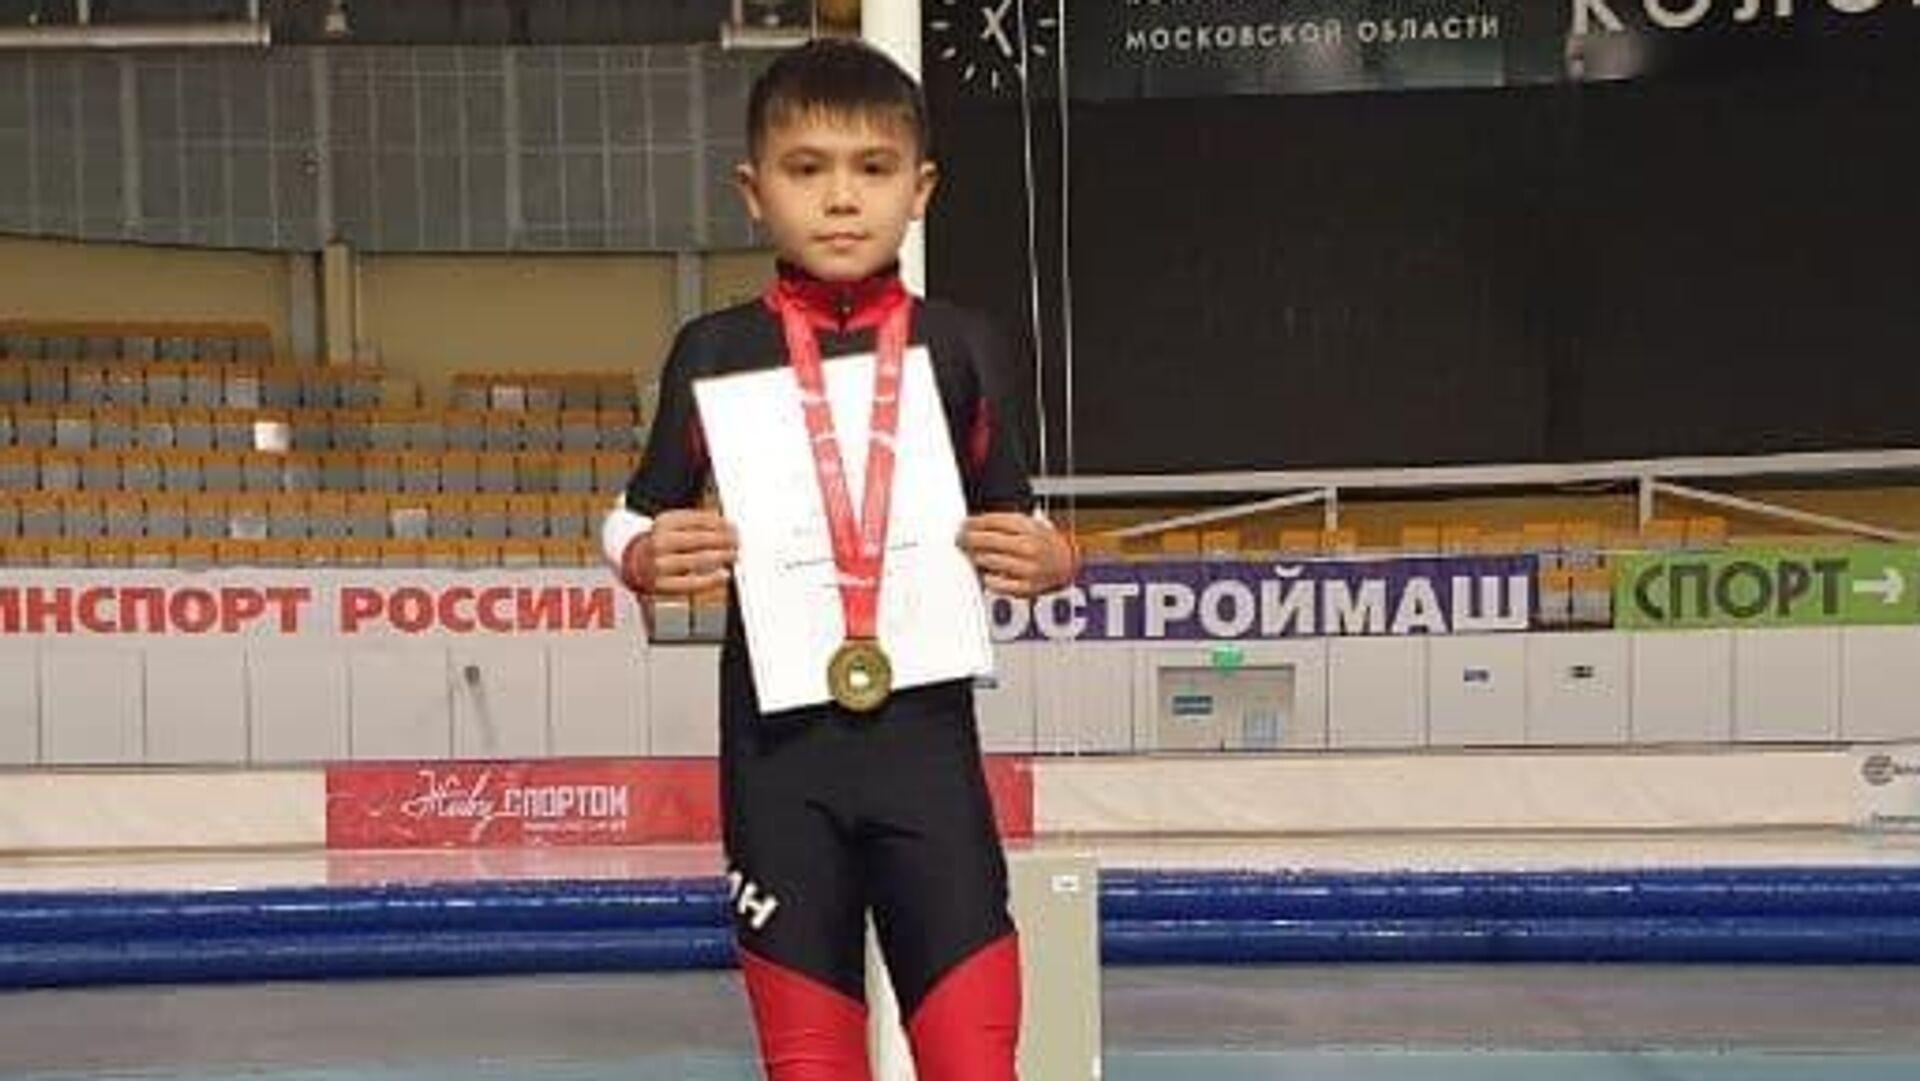 Конькобежец из Узбекистана в 11 лет завоевал три золотые медали на международном турнире - Sputnik Узбекистан, 1920, 06.10.2021